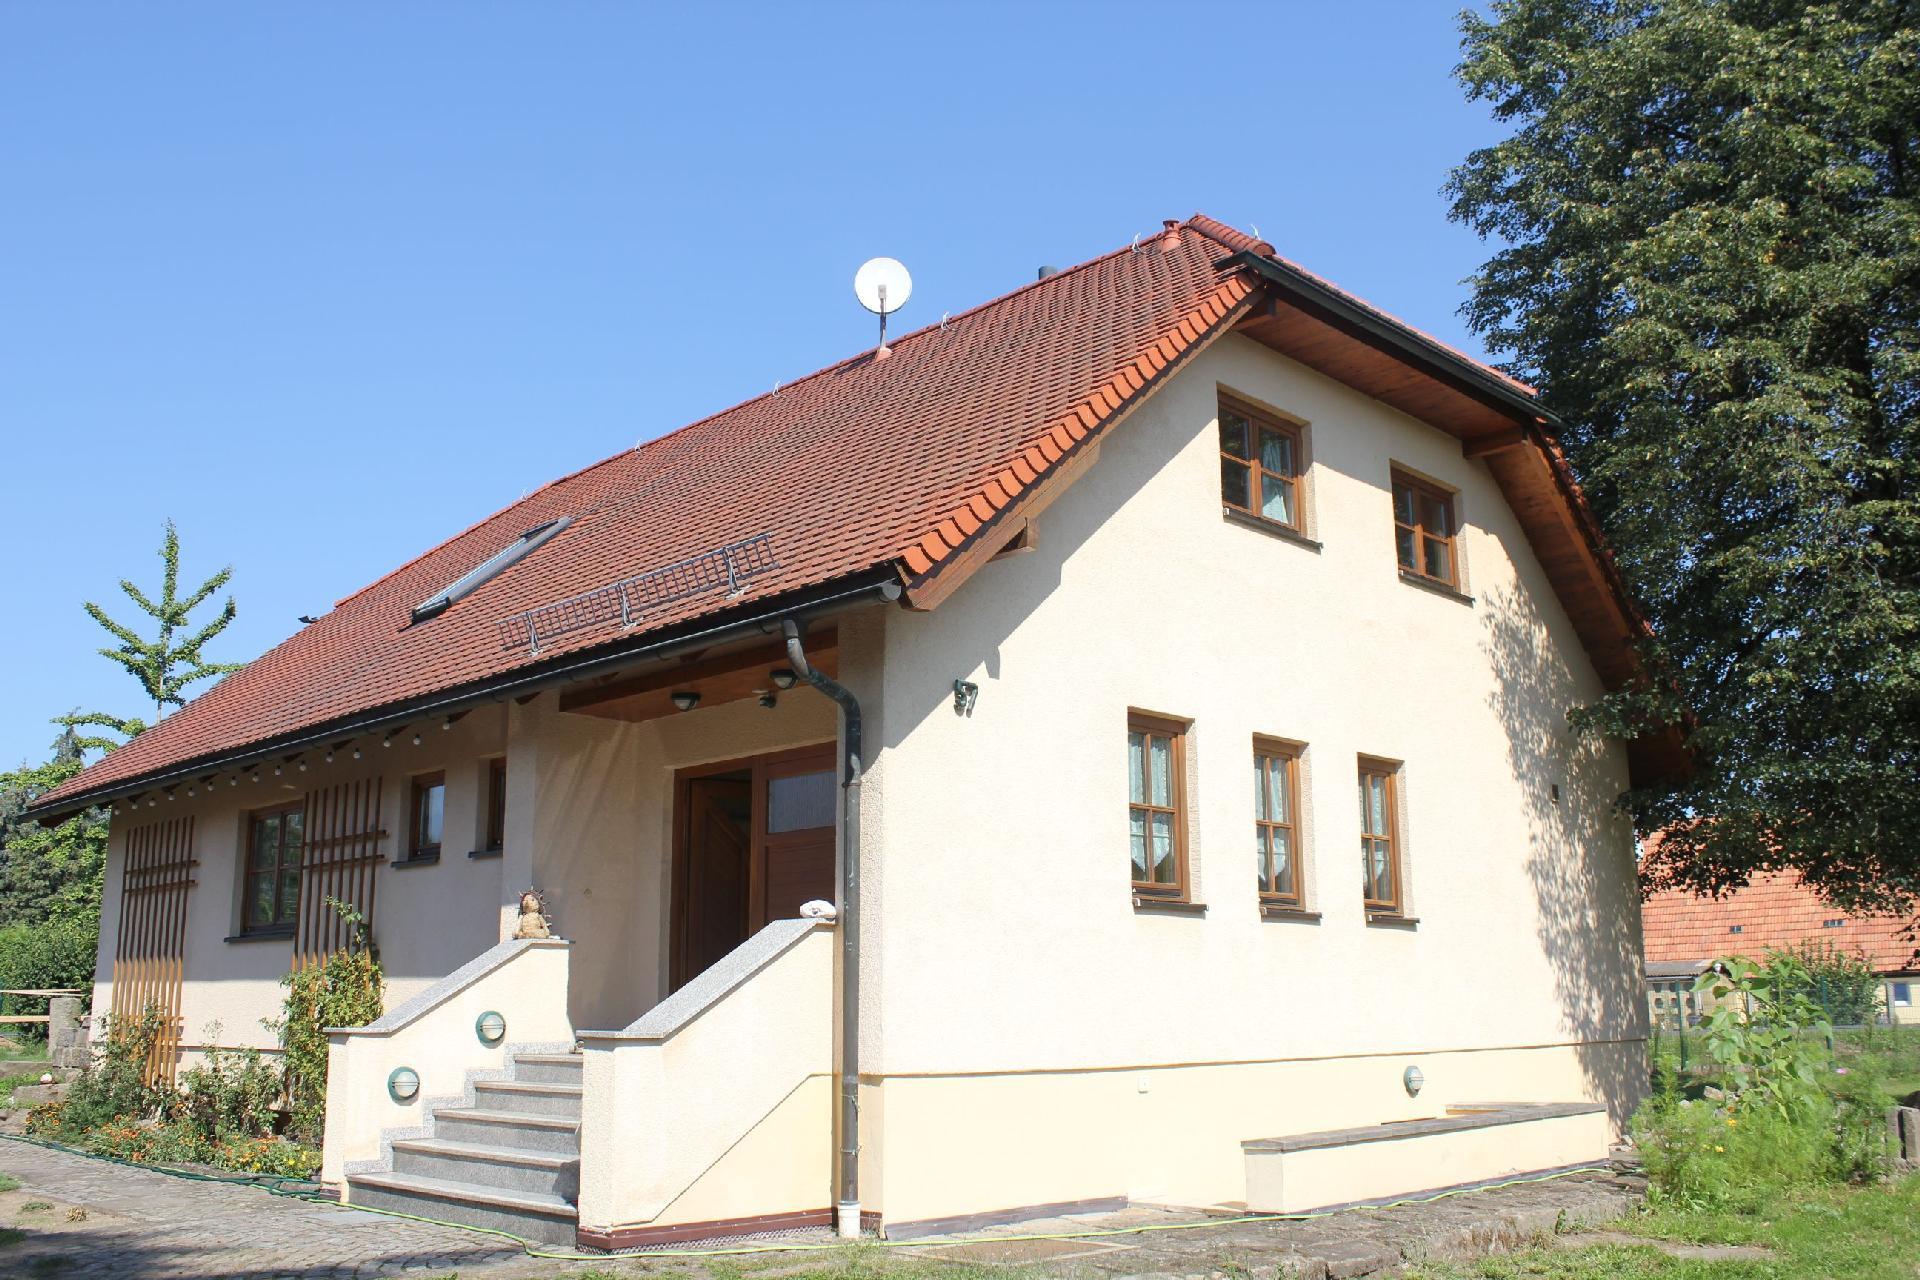 Ferienwohnung für 6 Personen ca. 75 m² i  in Sachsen